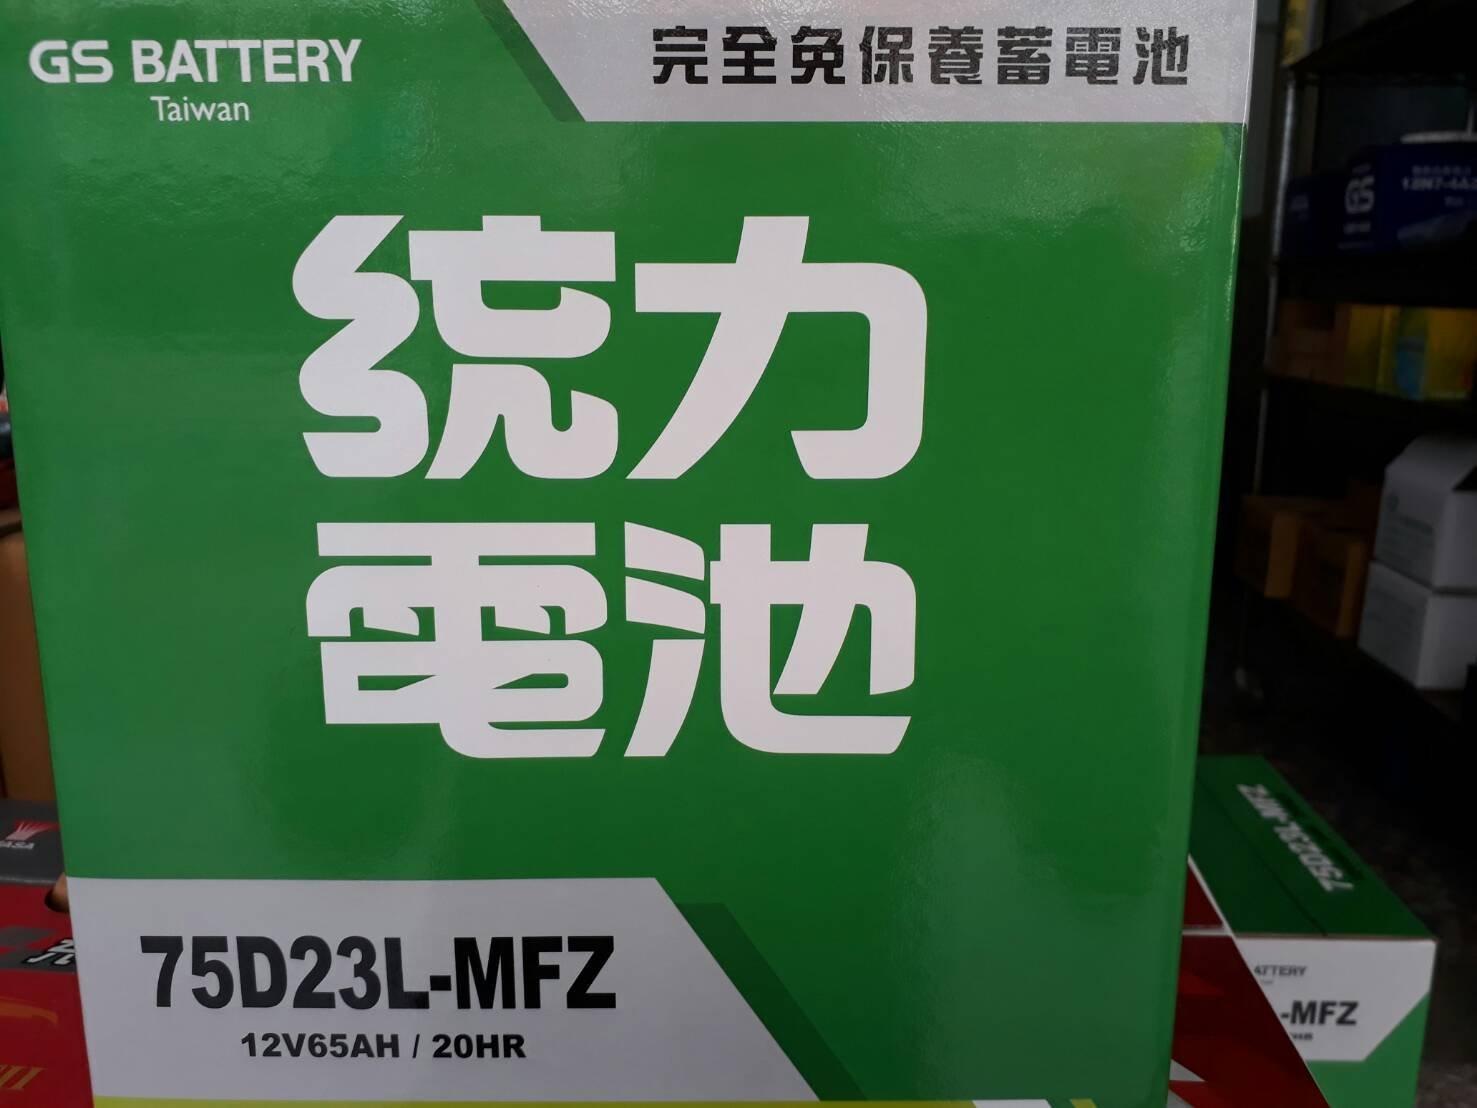 [新莊實體店面] ~ GS 統力/杰士 免保養 75D23L 75D23R MFZ (55D23L 55D23R)